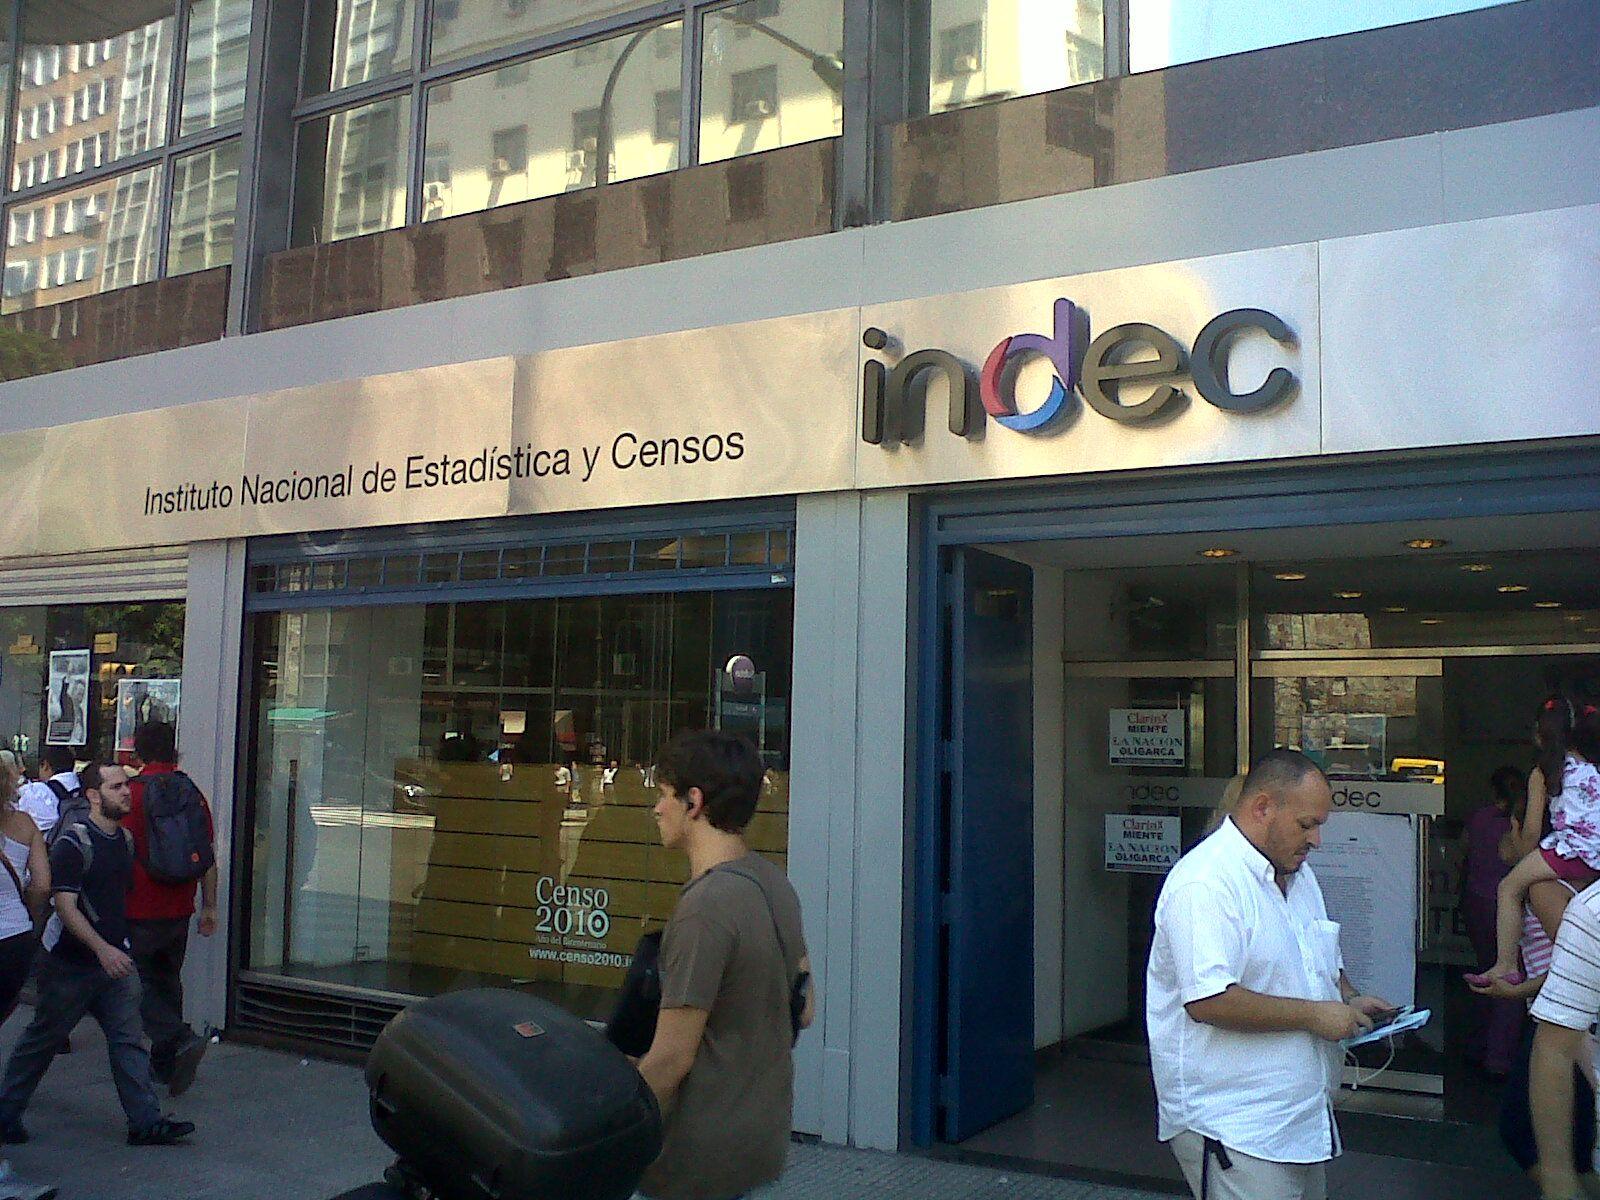 El Gobierno intentará lograr la autarquía del Indec para que pueda hacer frente a las presiones políticas